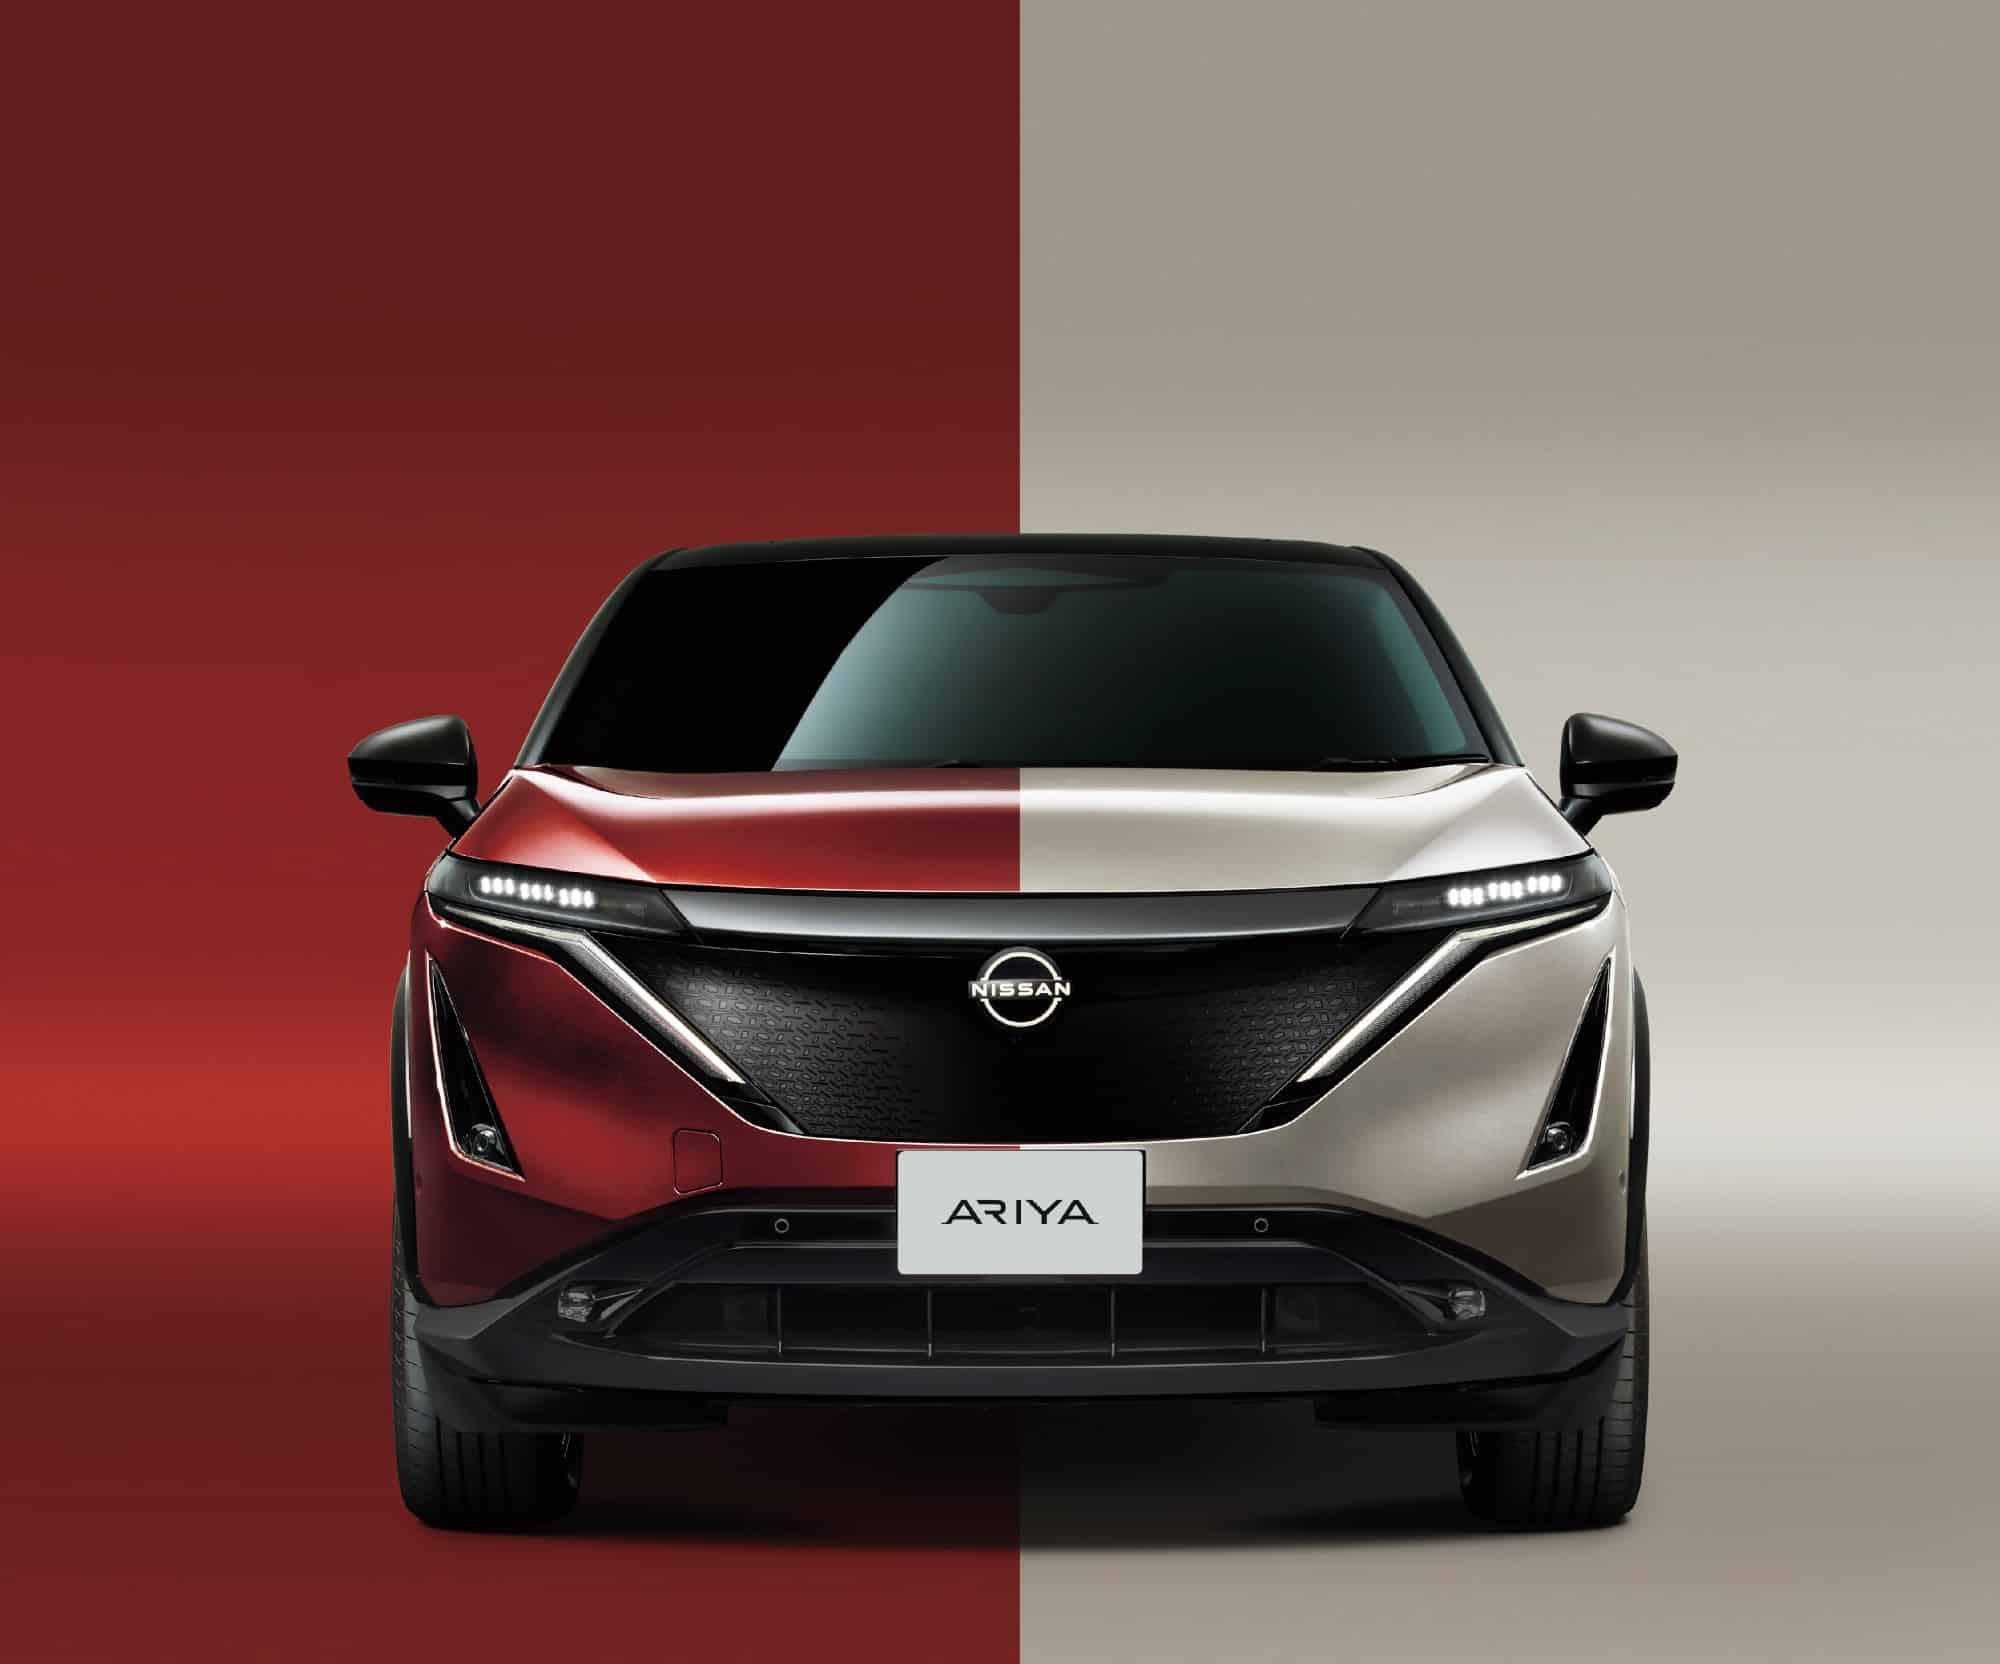 Nissan Ariya edición limitada, disponible en Japón